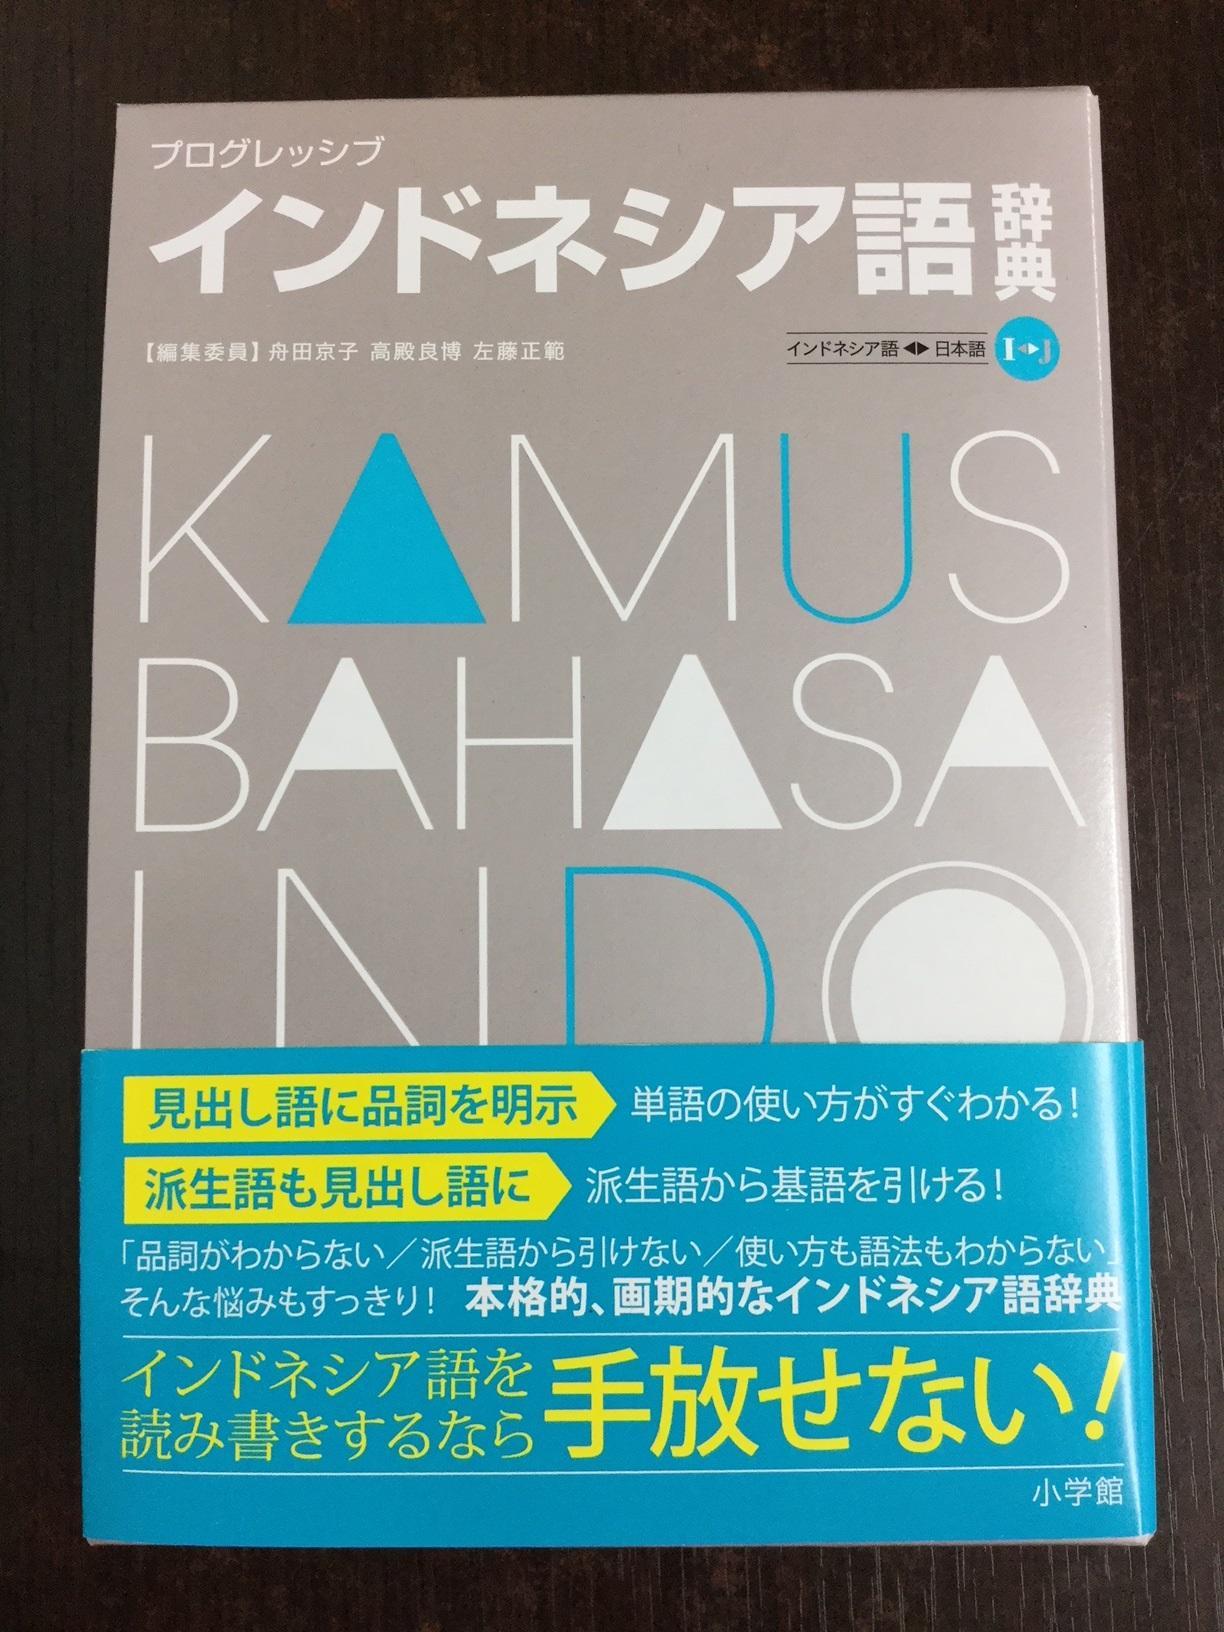 神田外語大学の教員が「インドネシア語⇔日本語」を一冊で実現した、本格的なインドネシア語辞典を制作